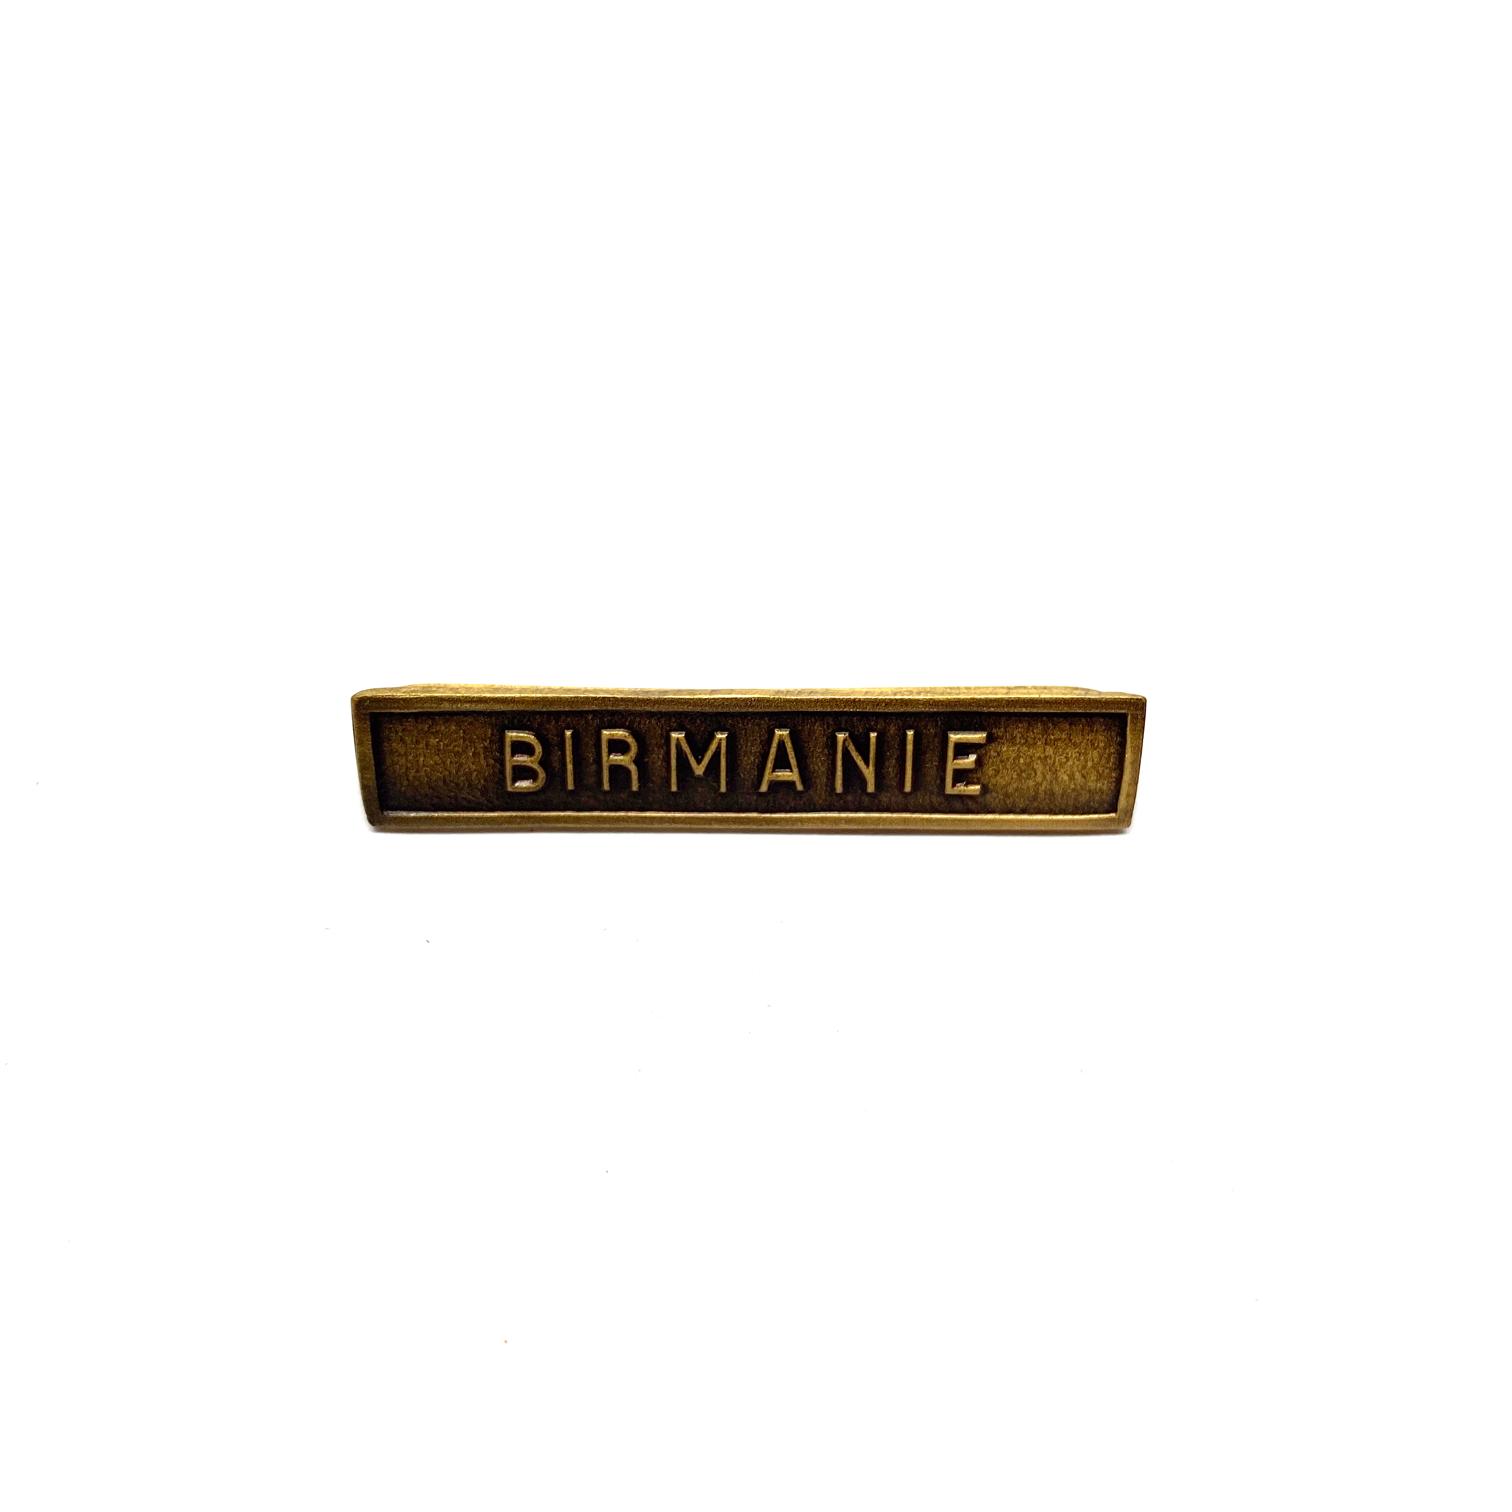 Barrette Birmanie pour décorations de guerre